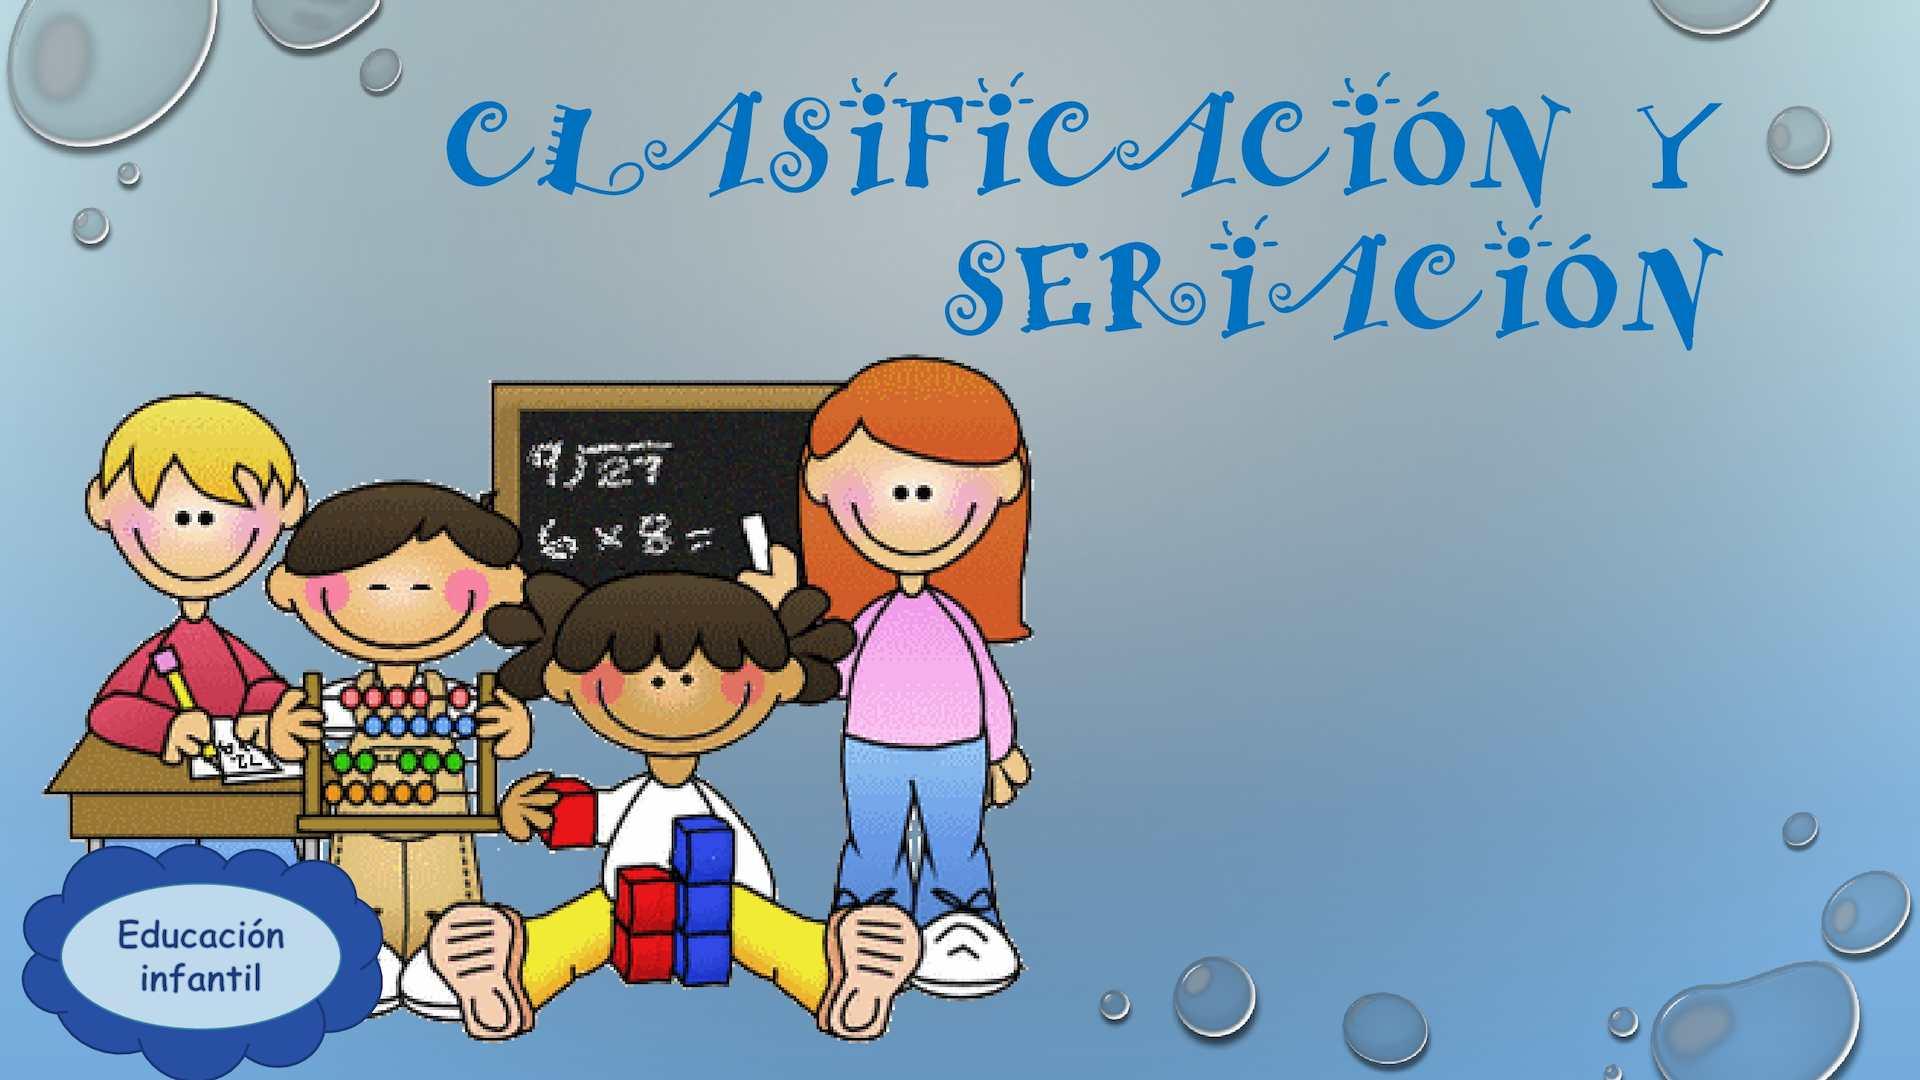 Clasificación y Seriación